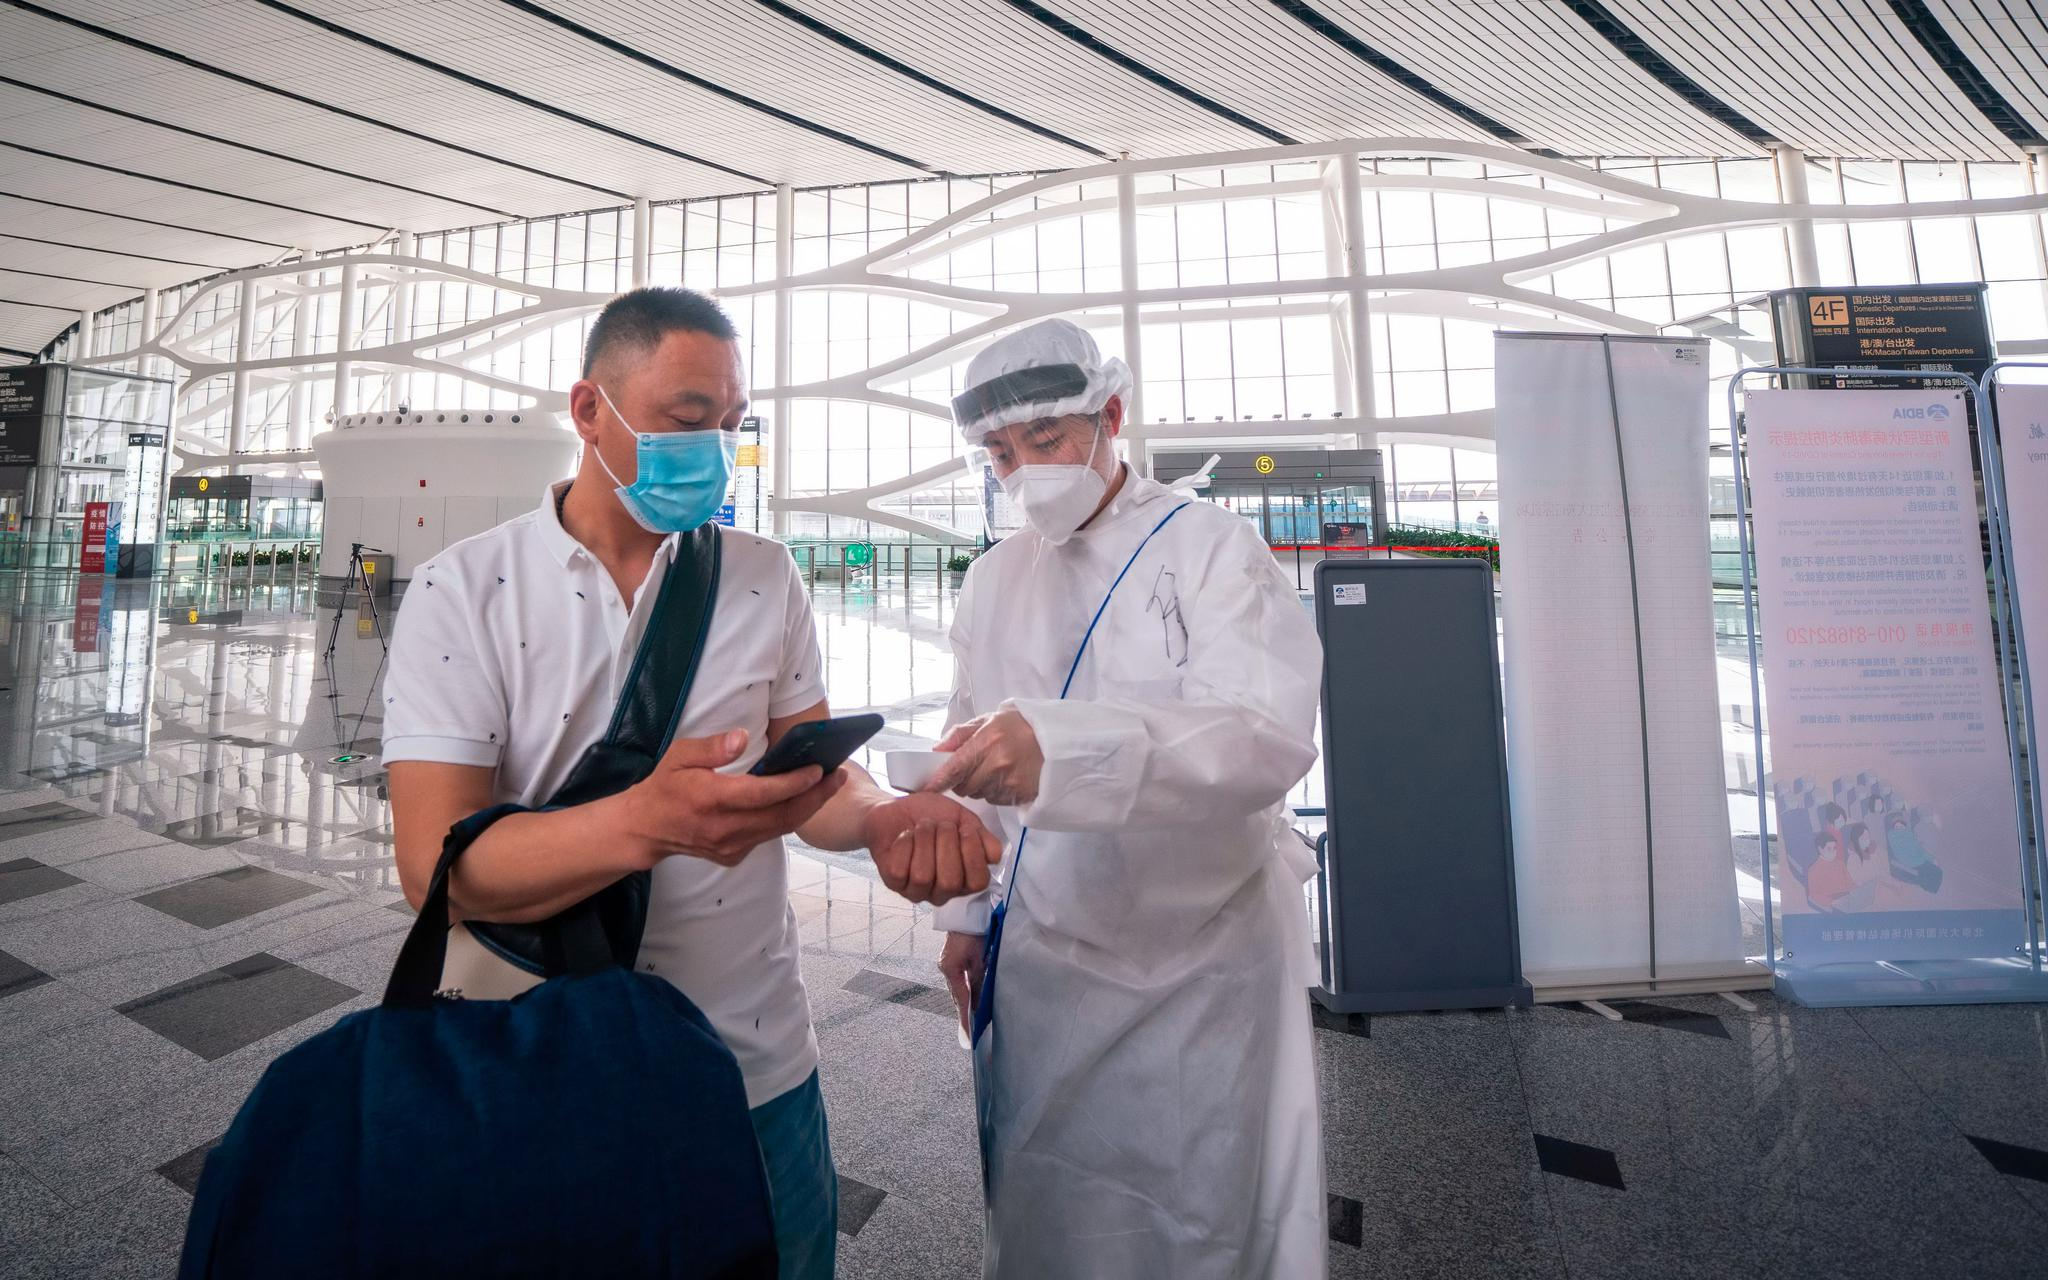 国内航线五一复苏,北京大兴机场预计5天运送旅客超4万人次图片